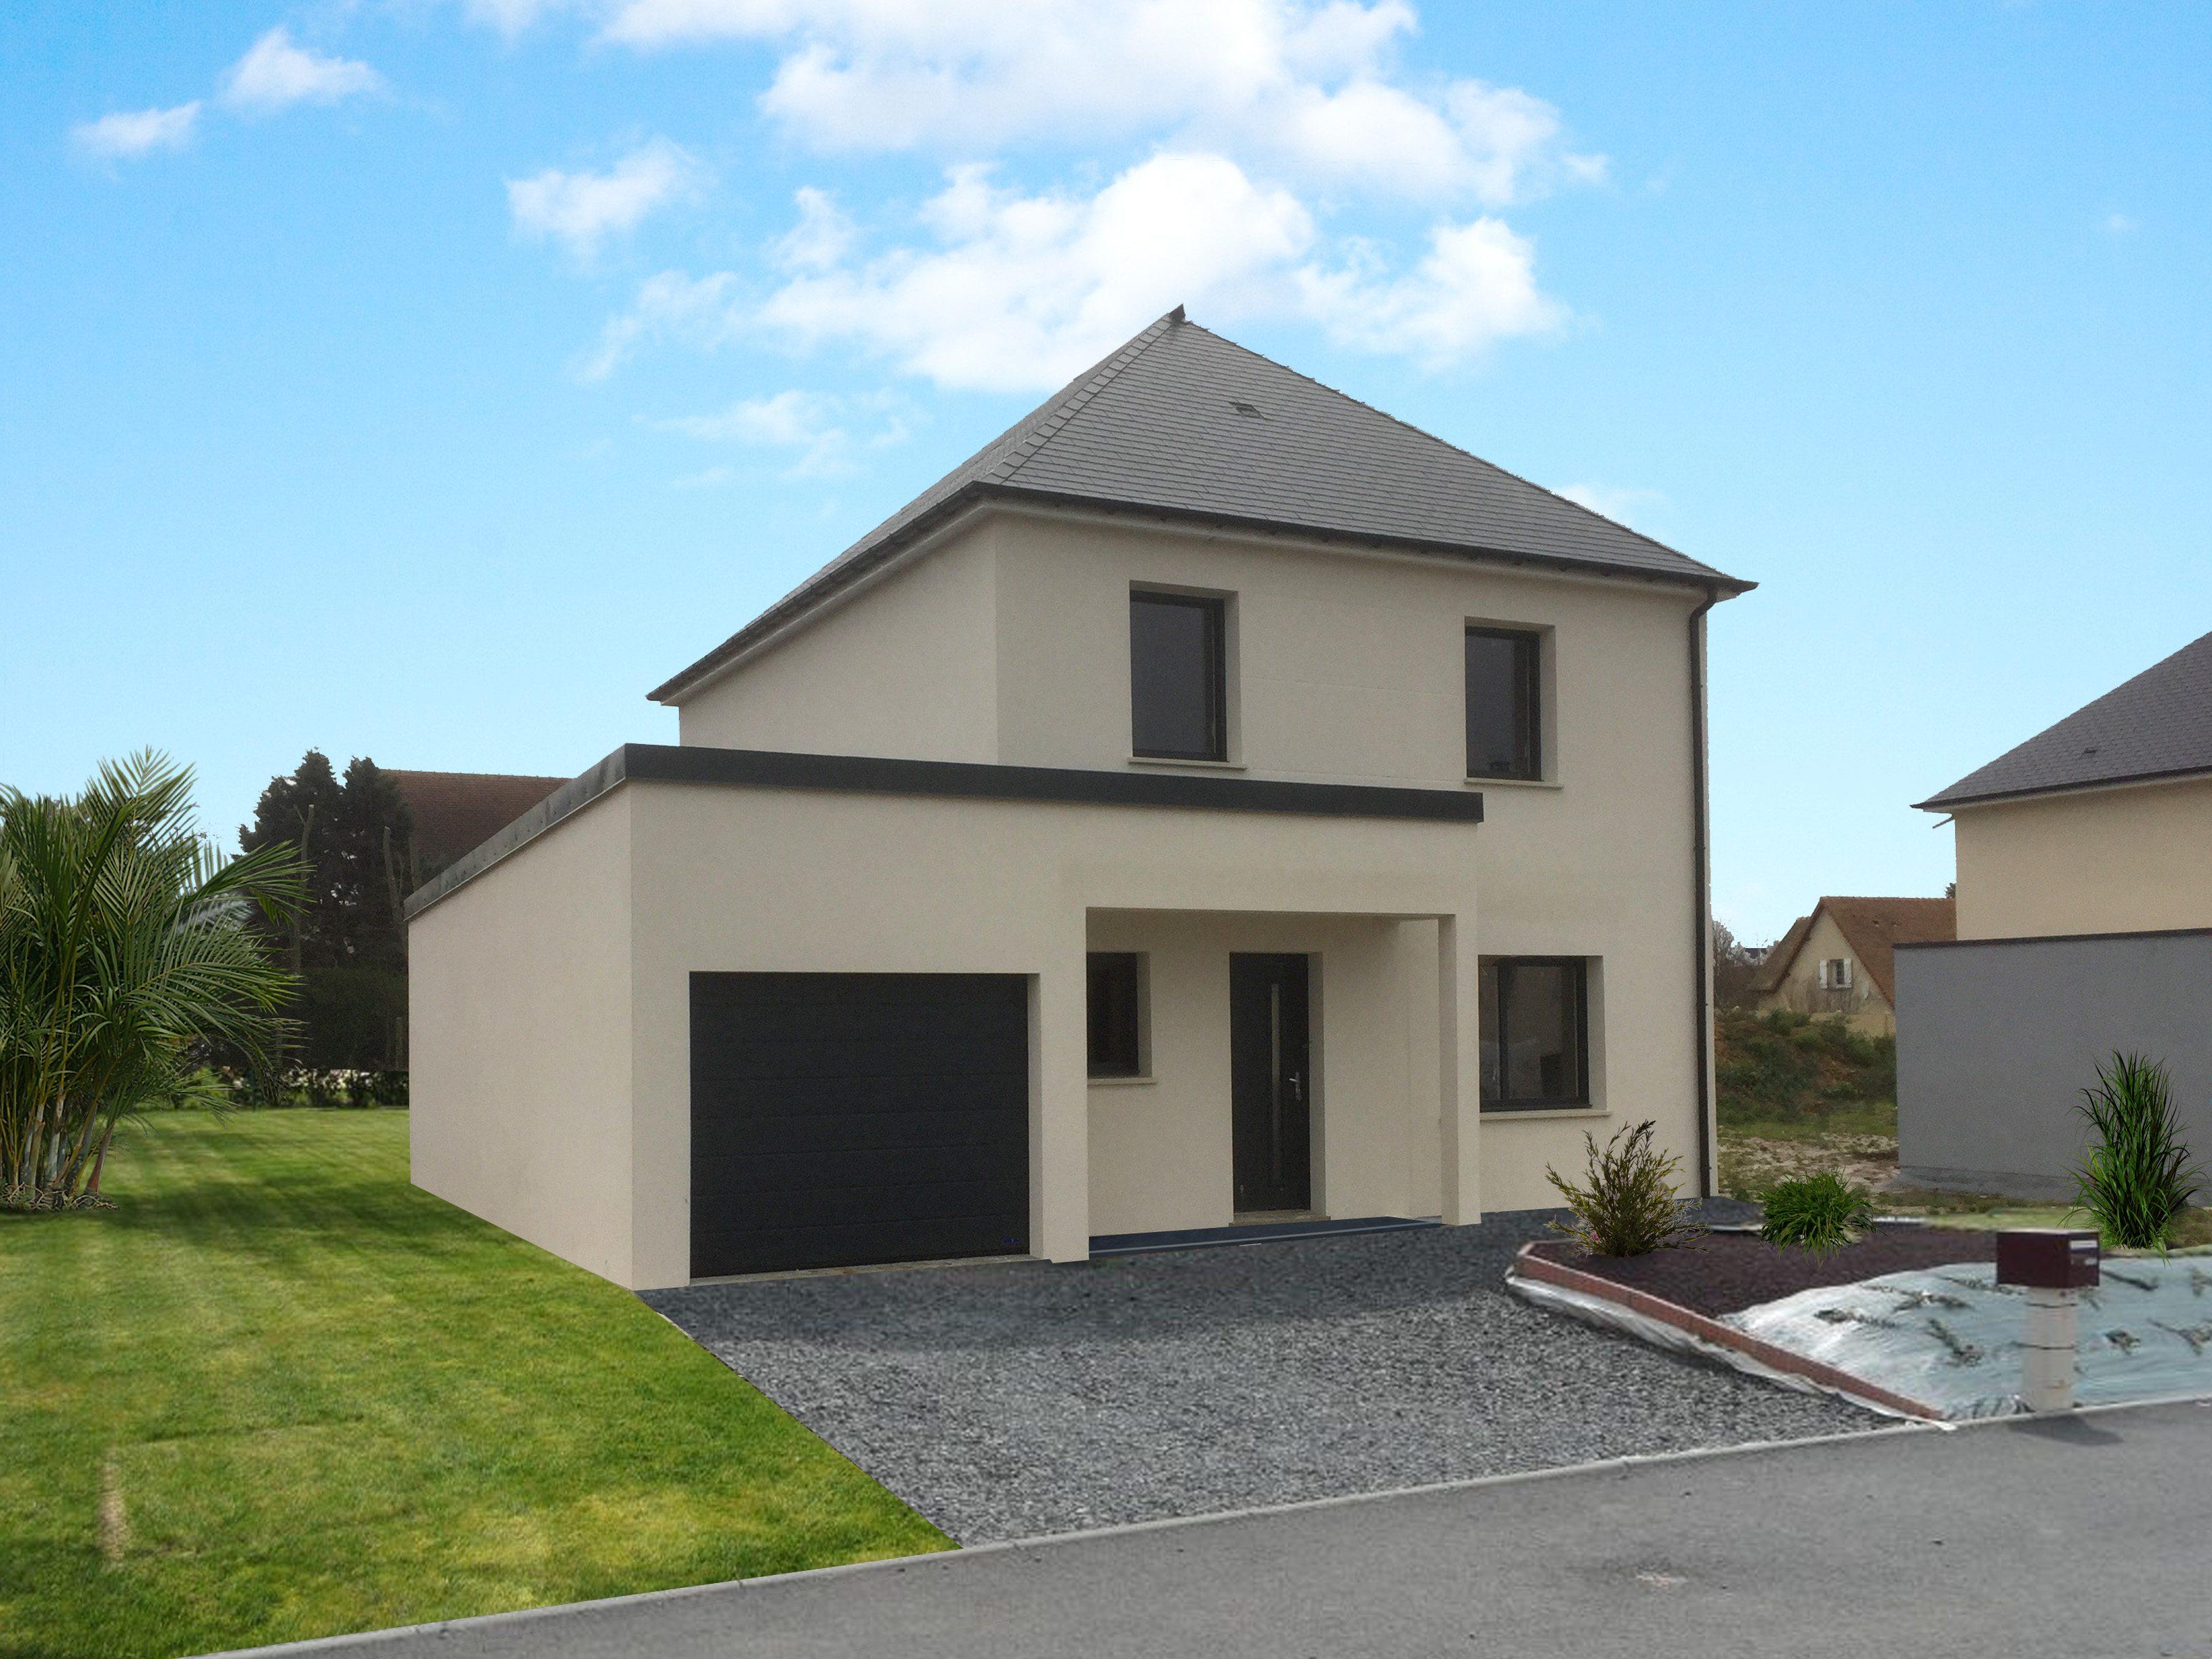 Maisons + Terrains du constructeur MAISON FAMILIALE RENNES • 110 m² • ROMAGNE